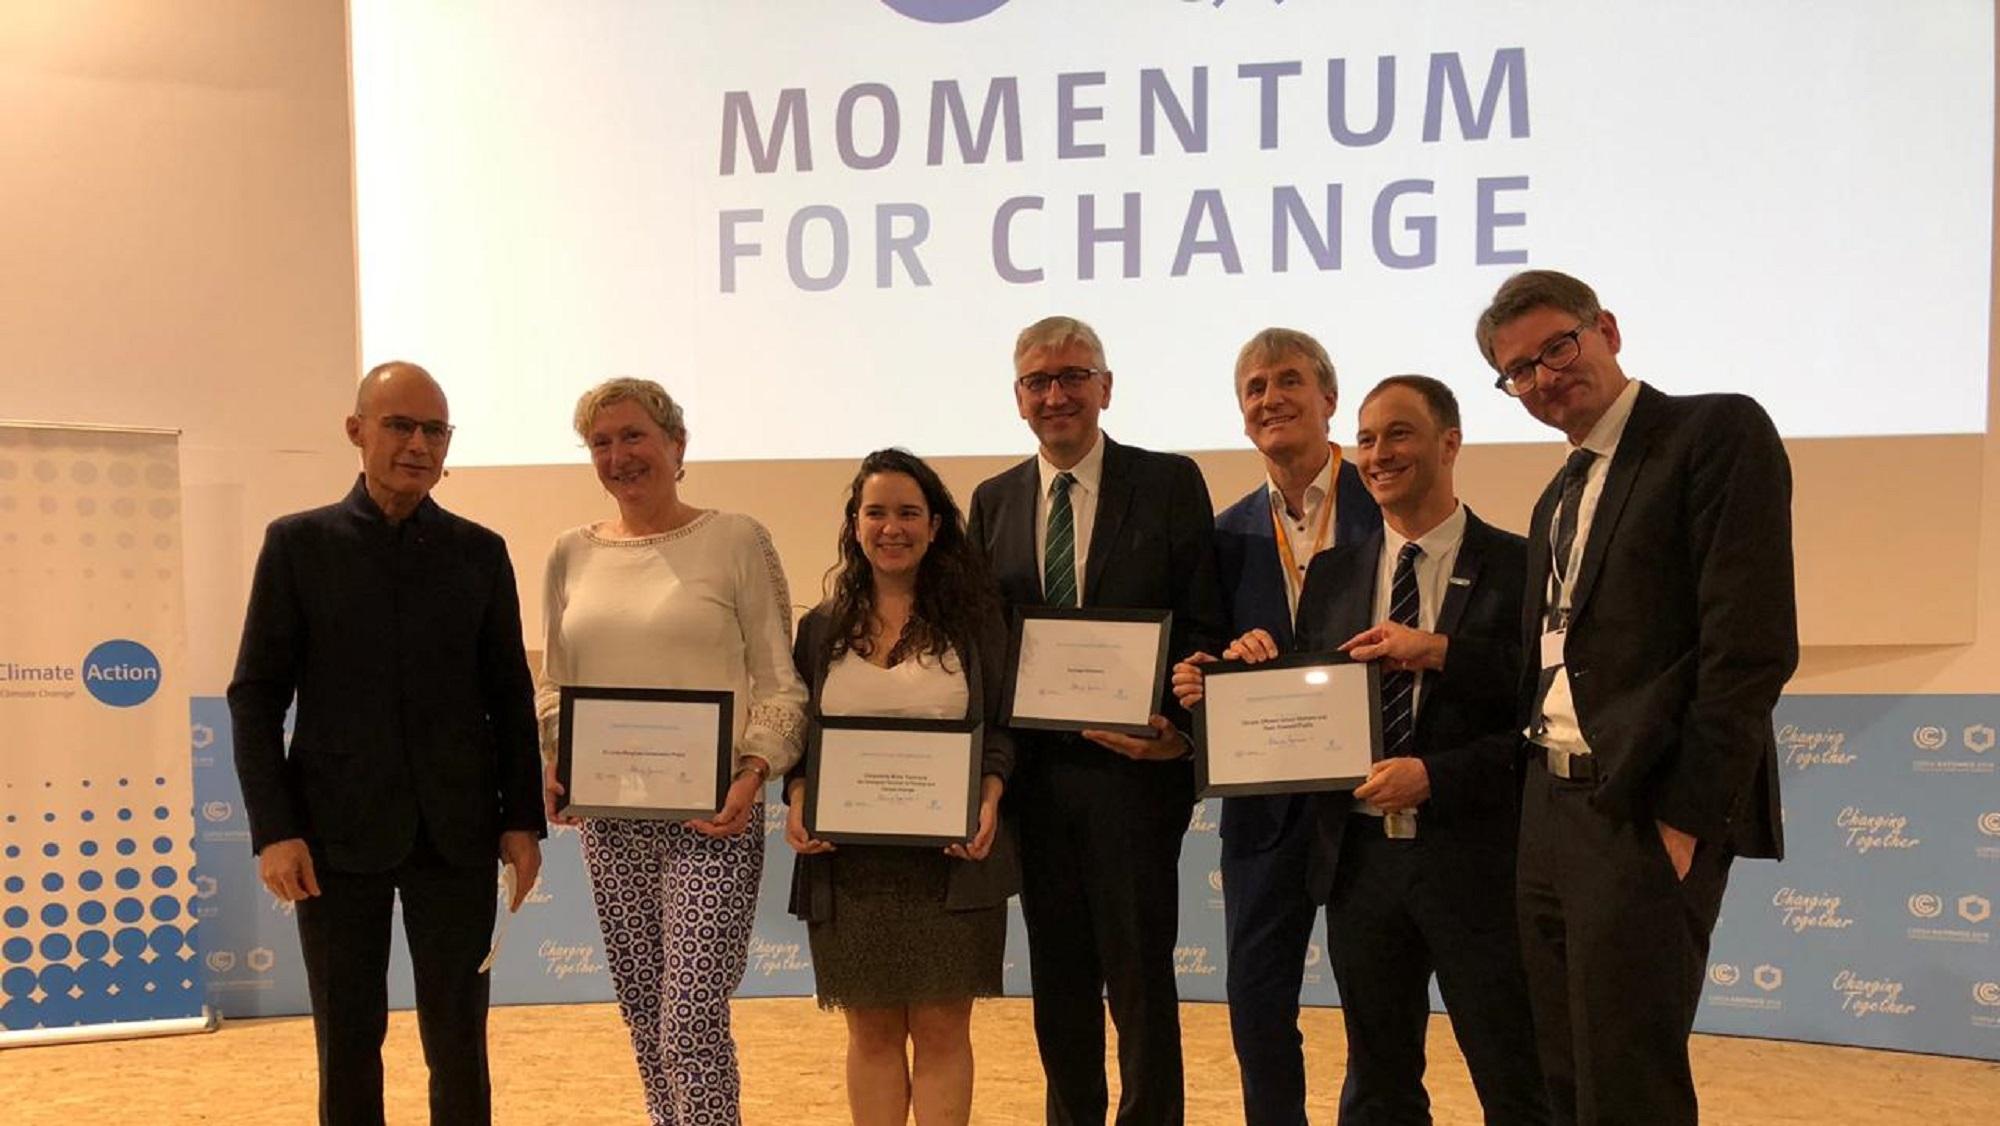 SUEZ Noticia COP24 Momentum for Change premio Naciones unidas header